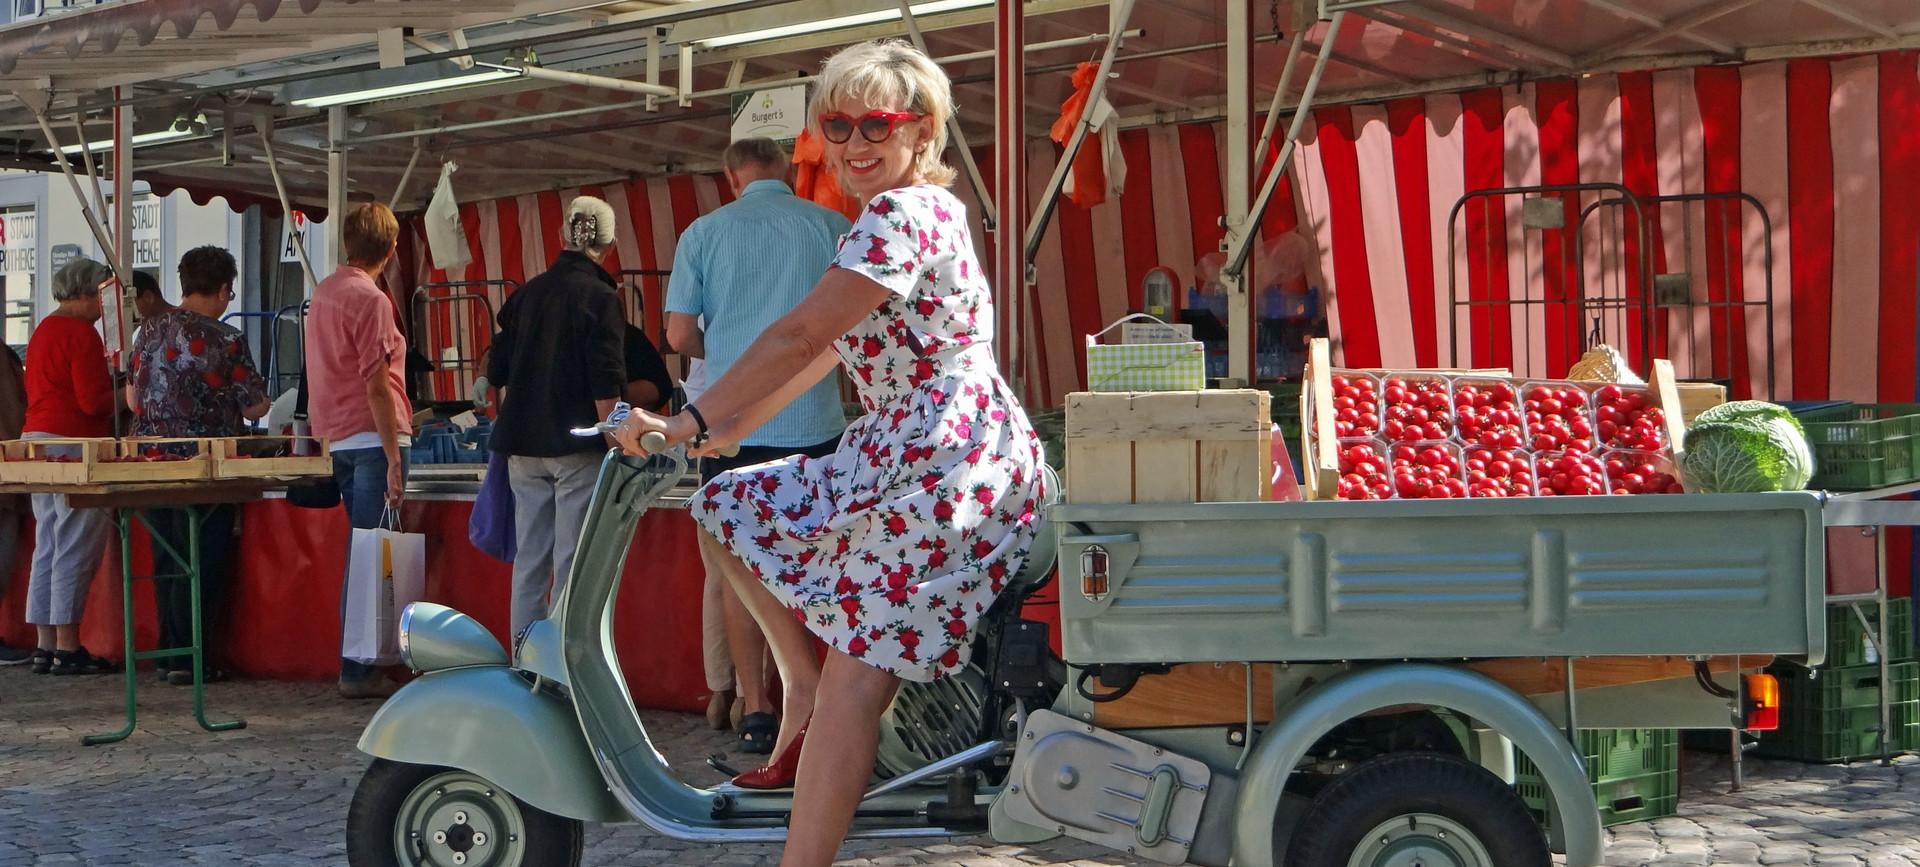 Stadtführung mit Petticoat und Brausepulver - die Wirtschaftswunderjahre in Haslach